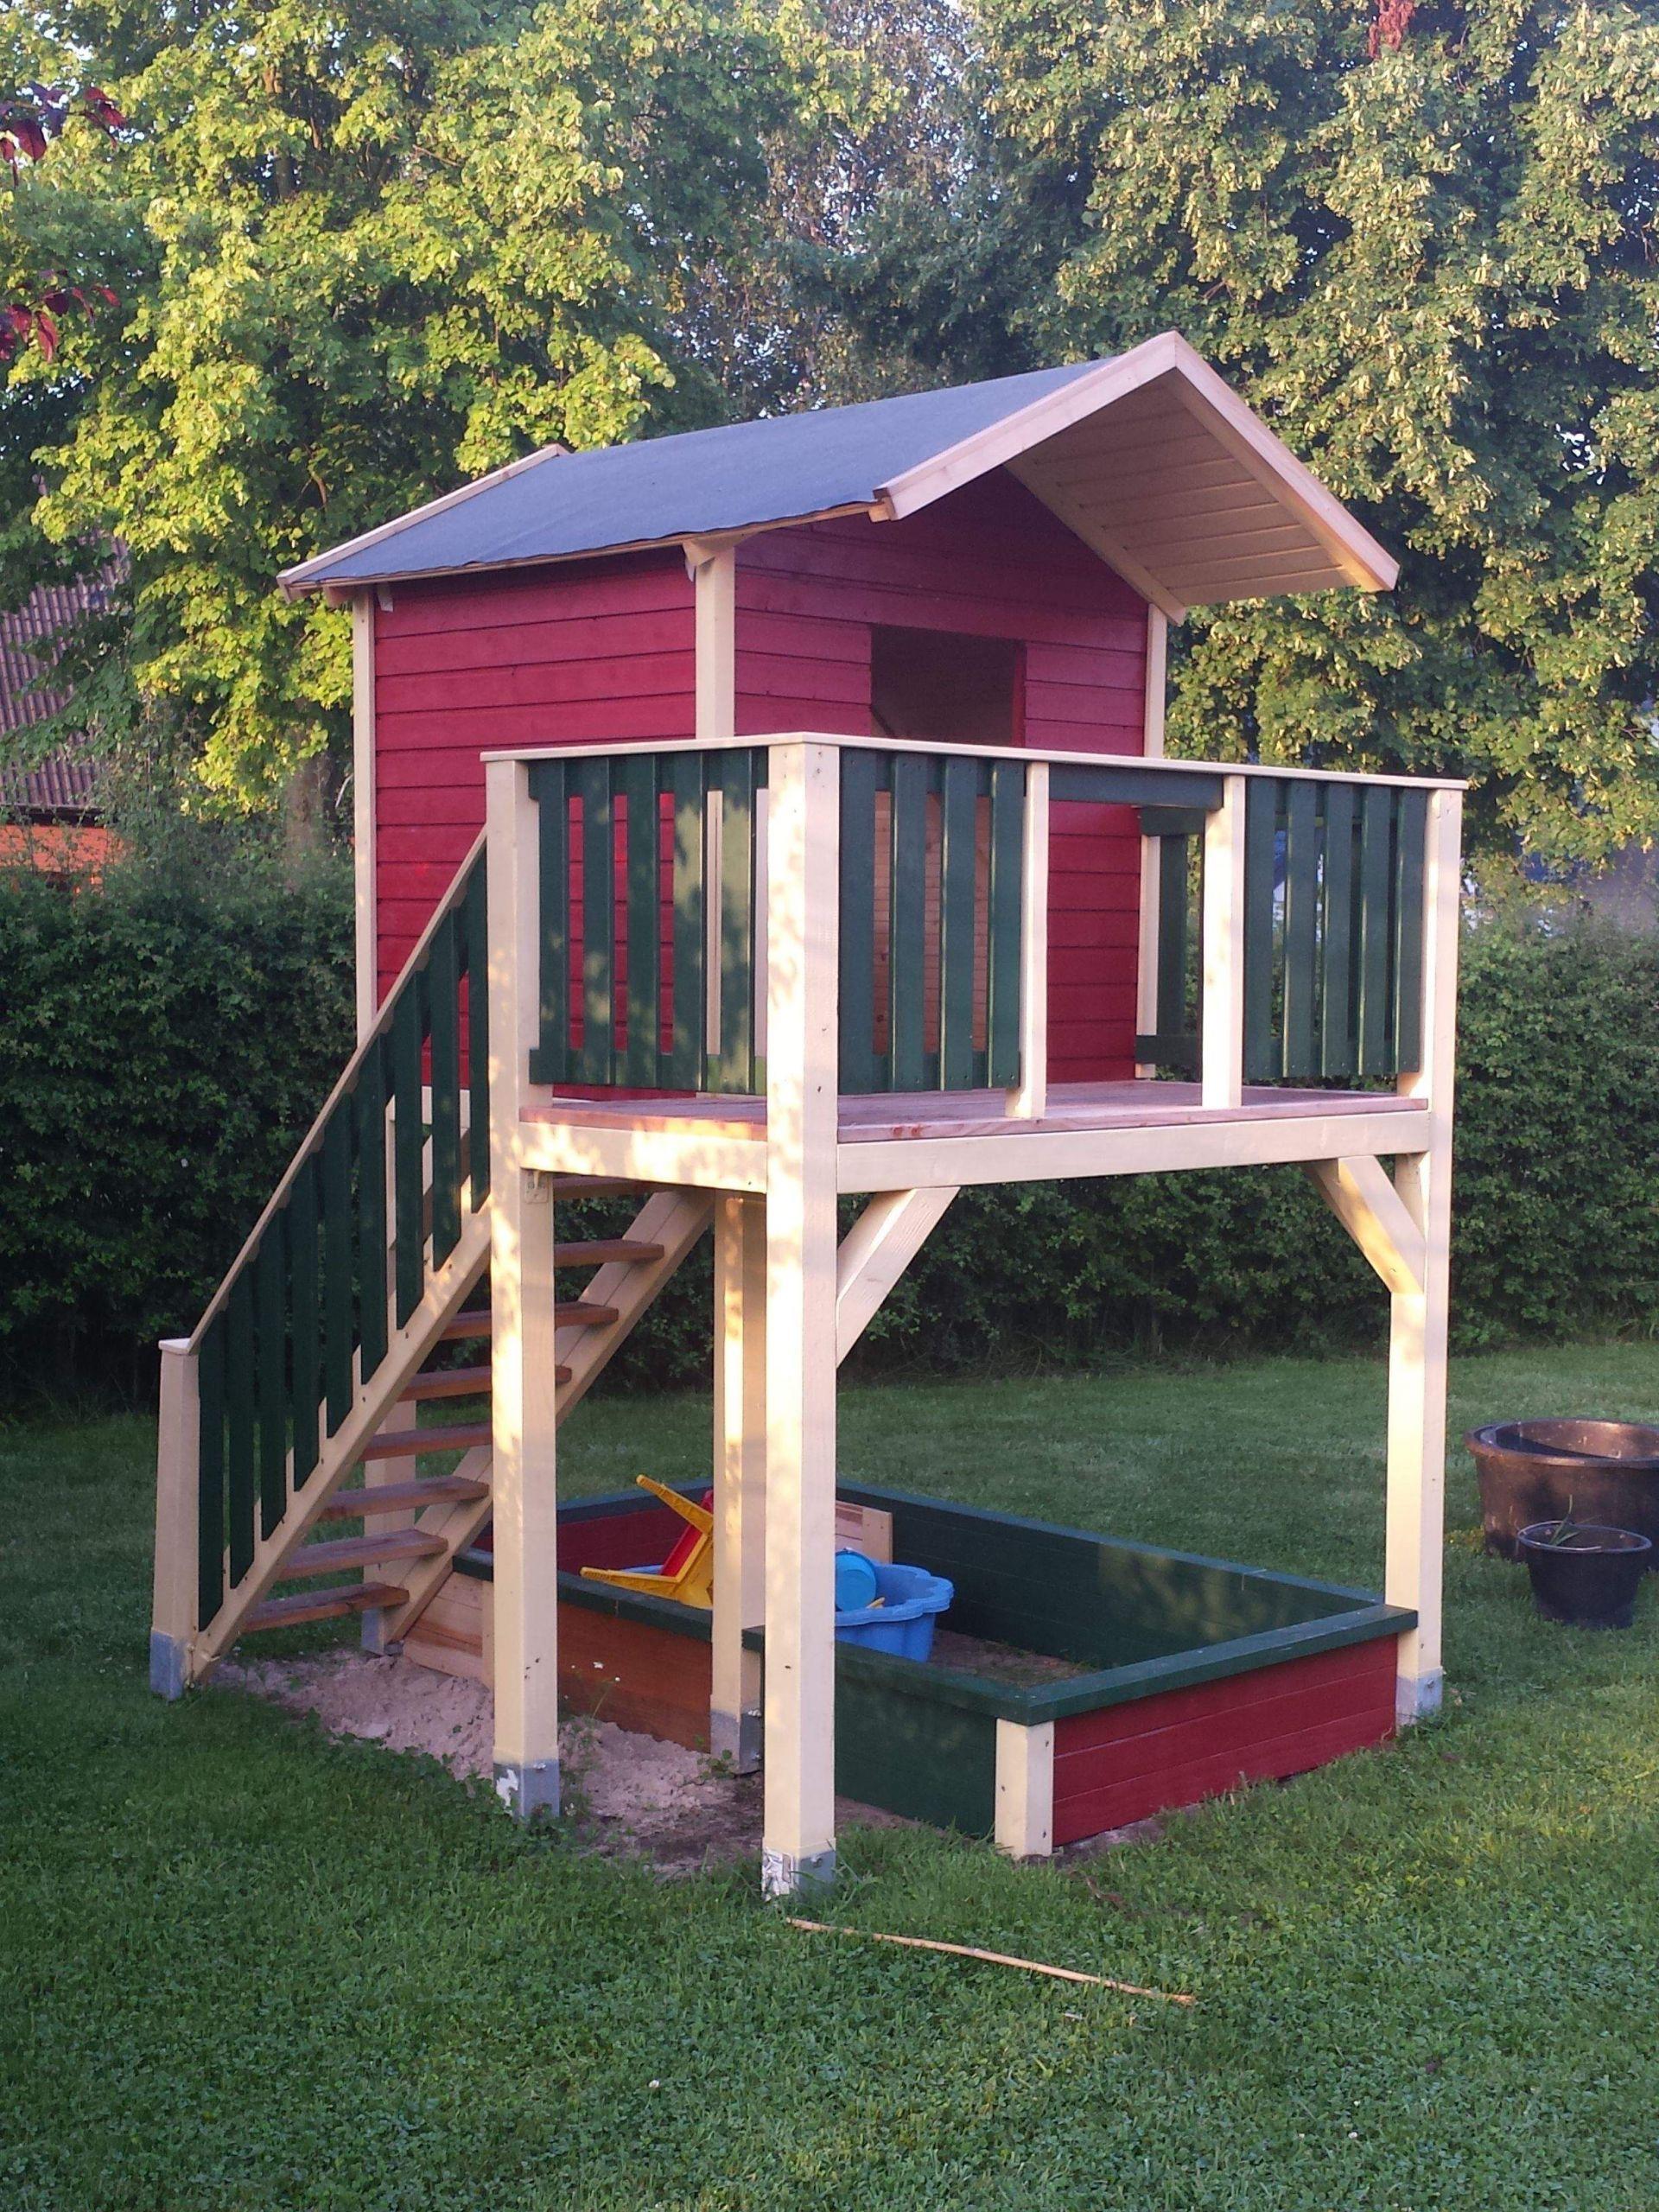 Spielhaus Garten Kinder Genial Spielturm Mit Treppe Bauanleitung Zum Selber Bauen